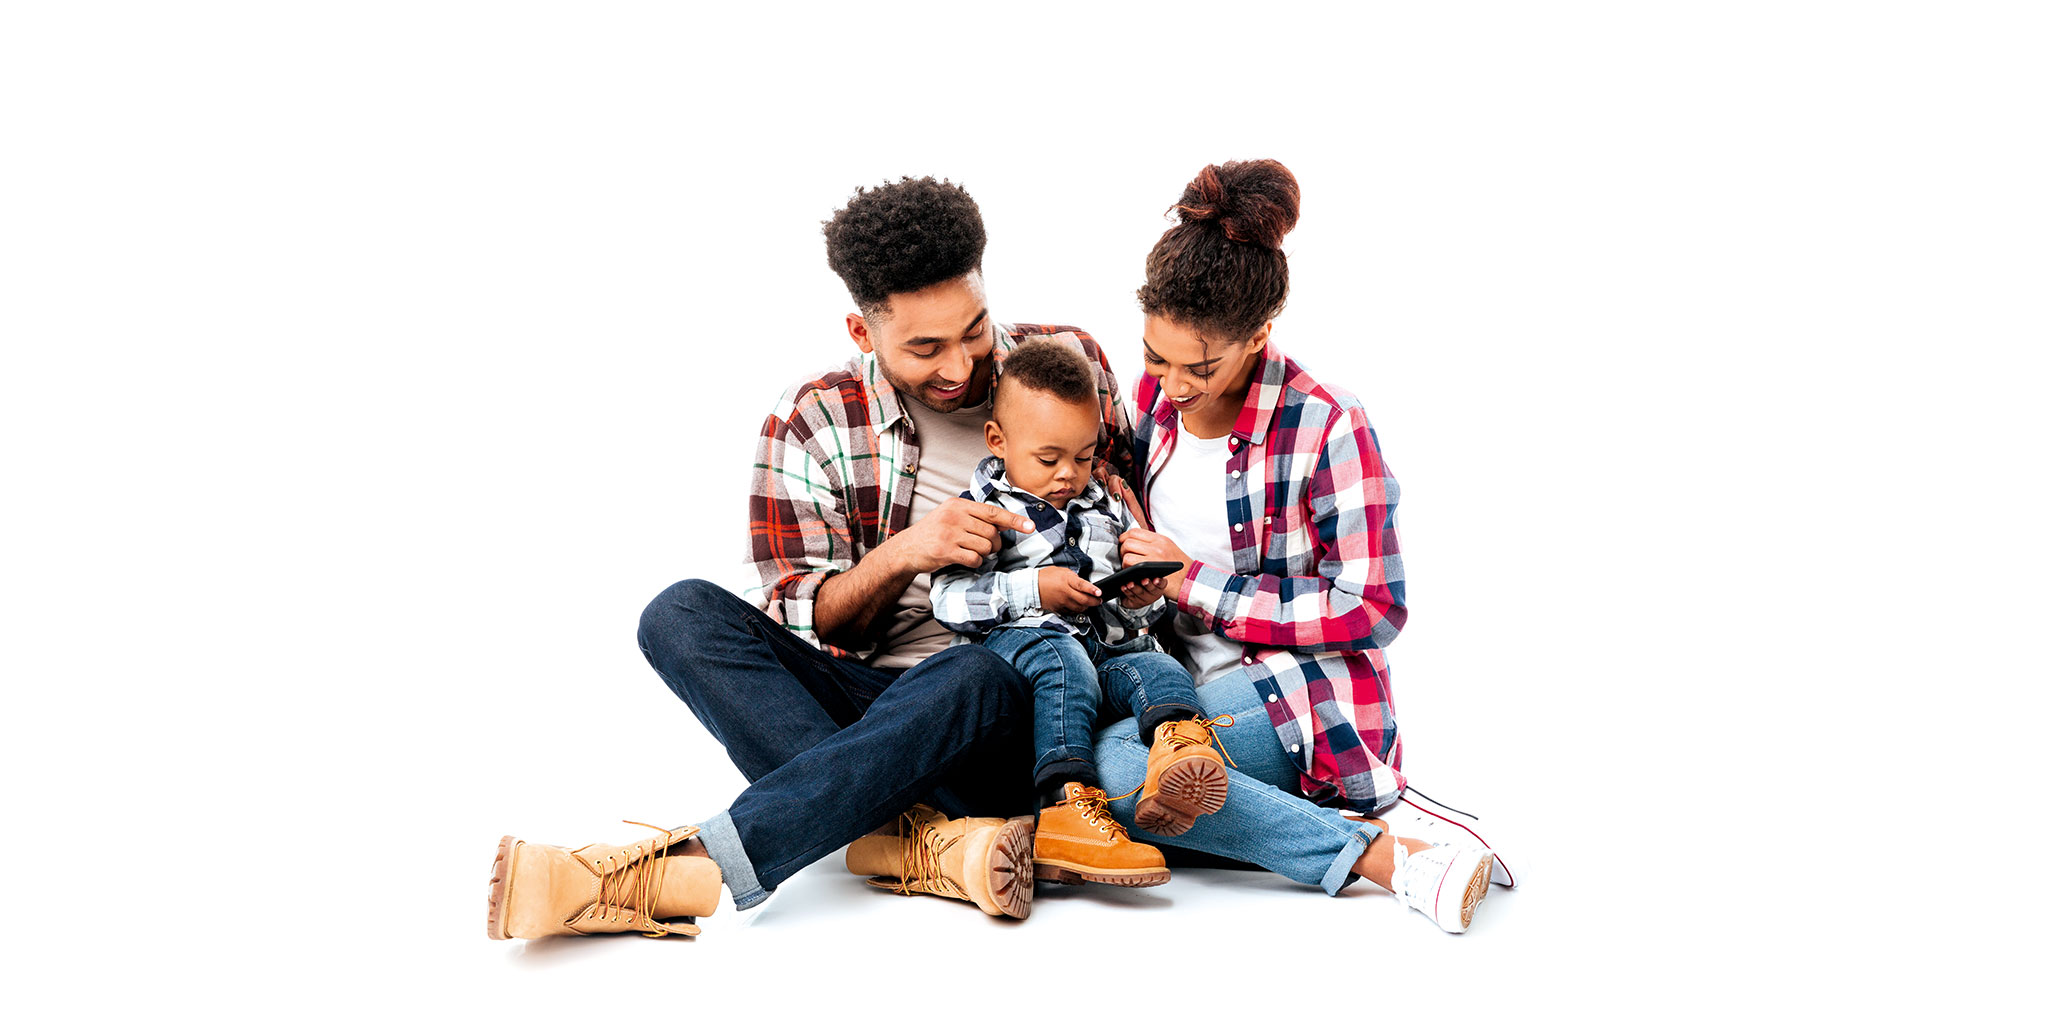 Homme et femme avec leur enfant au milieu assis sur le sol, enfant jouant sur un téléphone portable